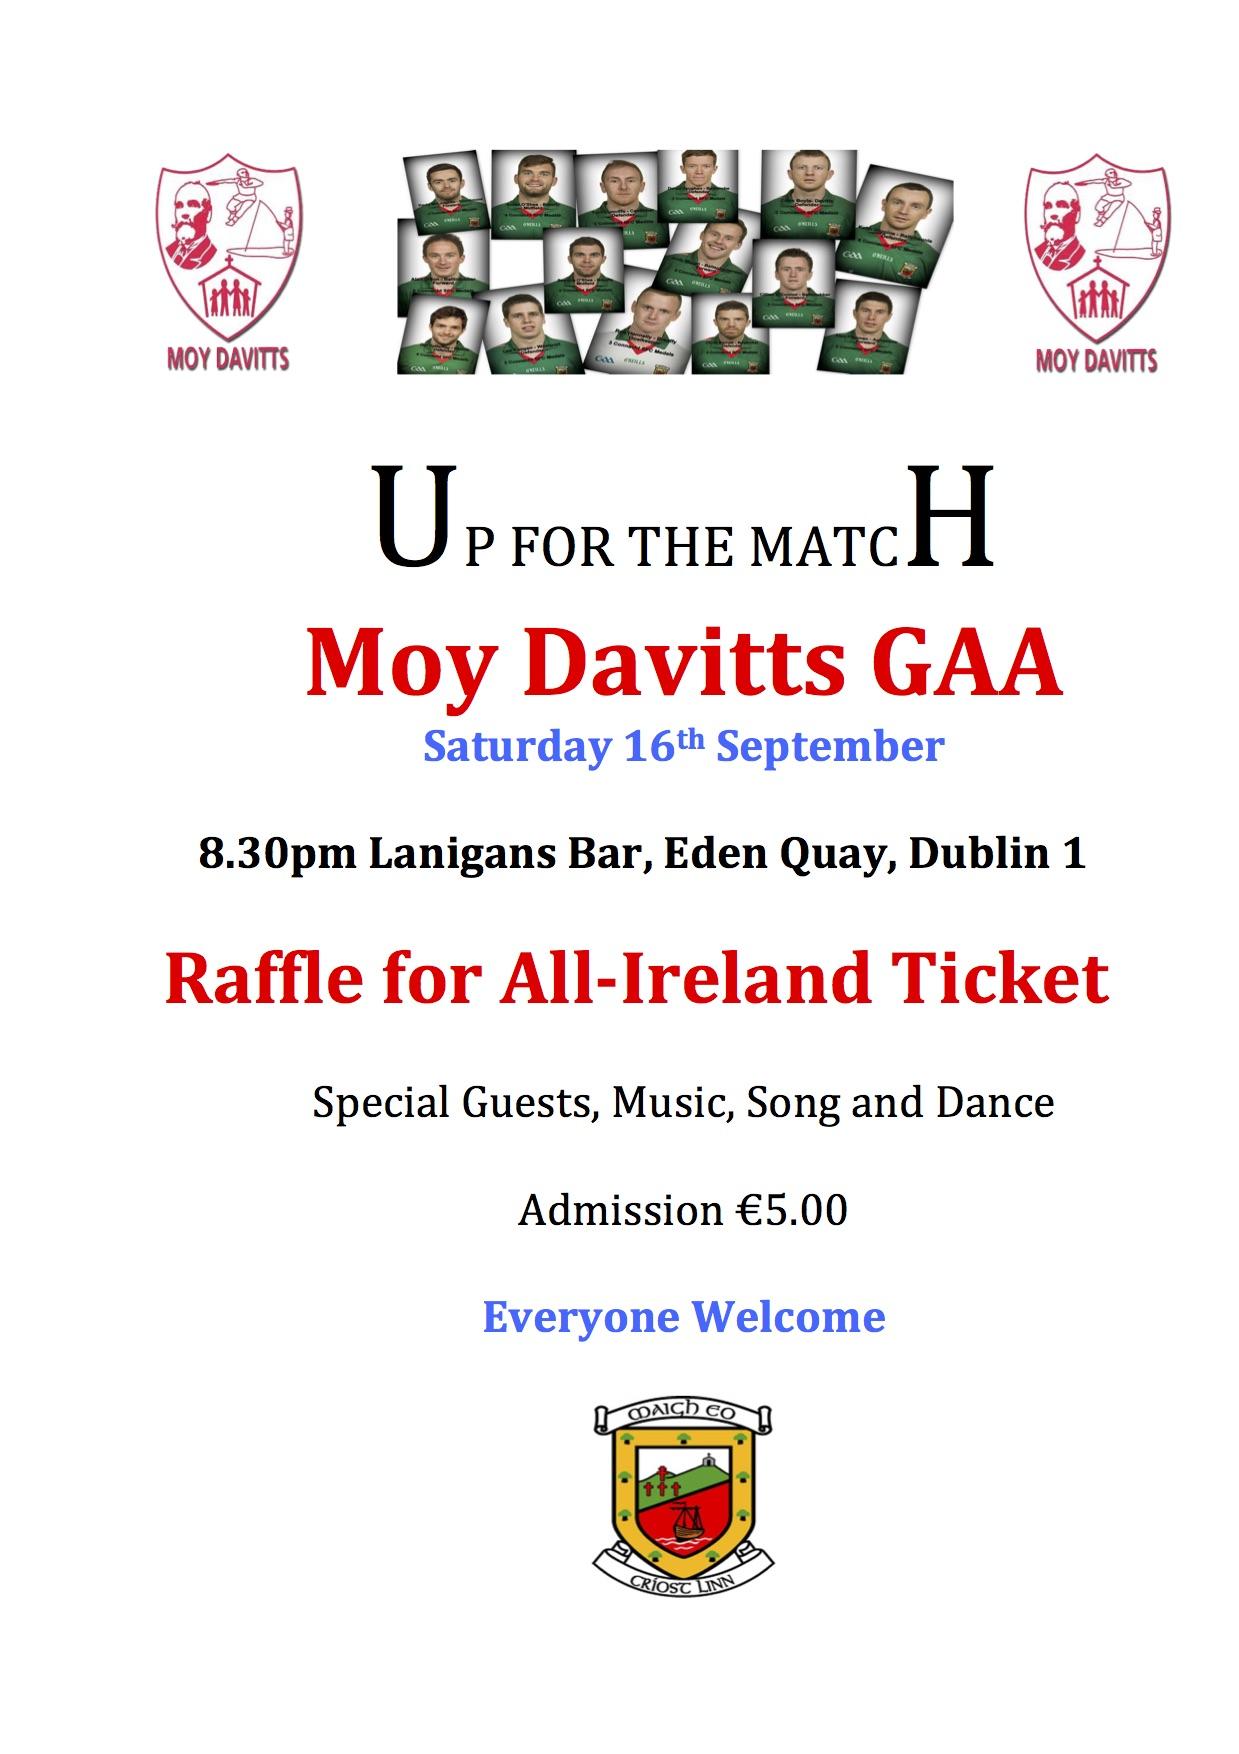 Moy Davitts GAA - Info | Facebook